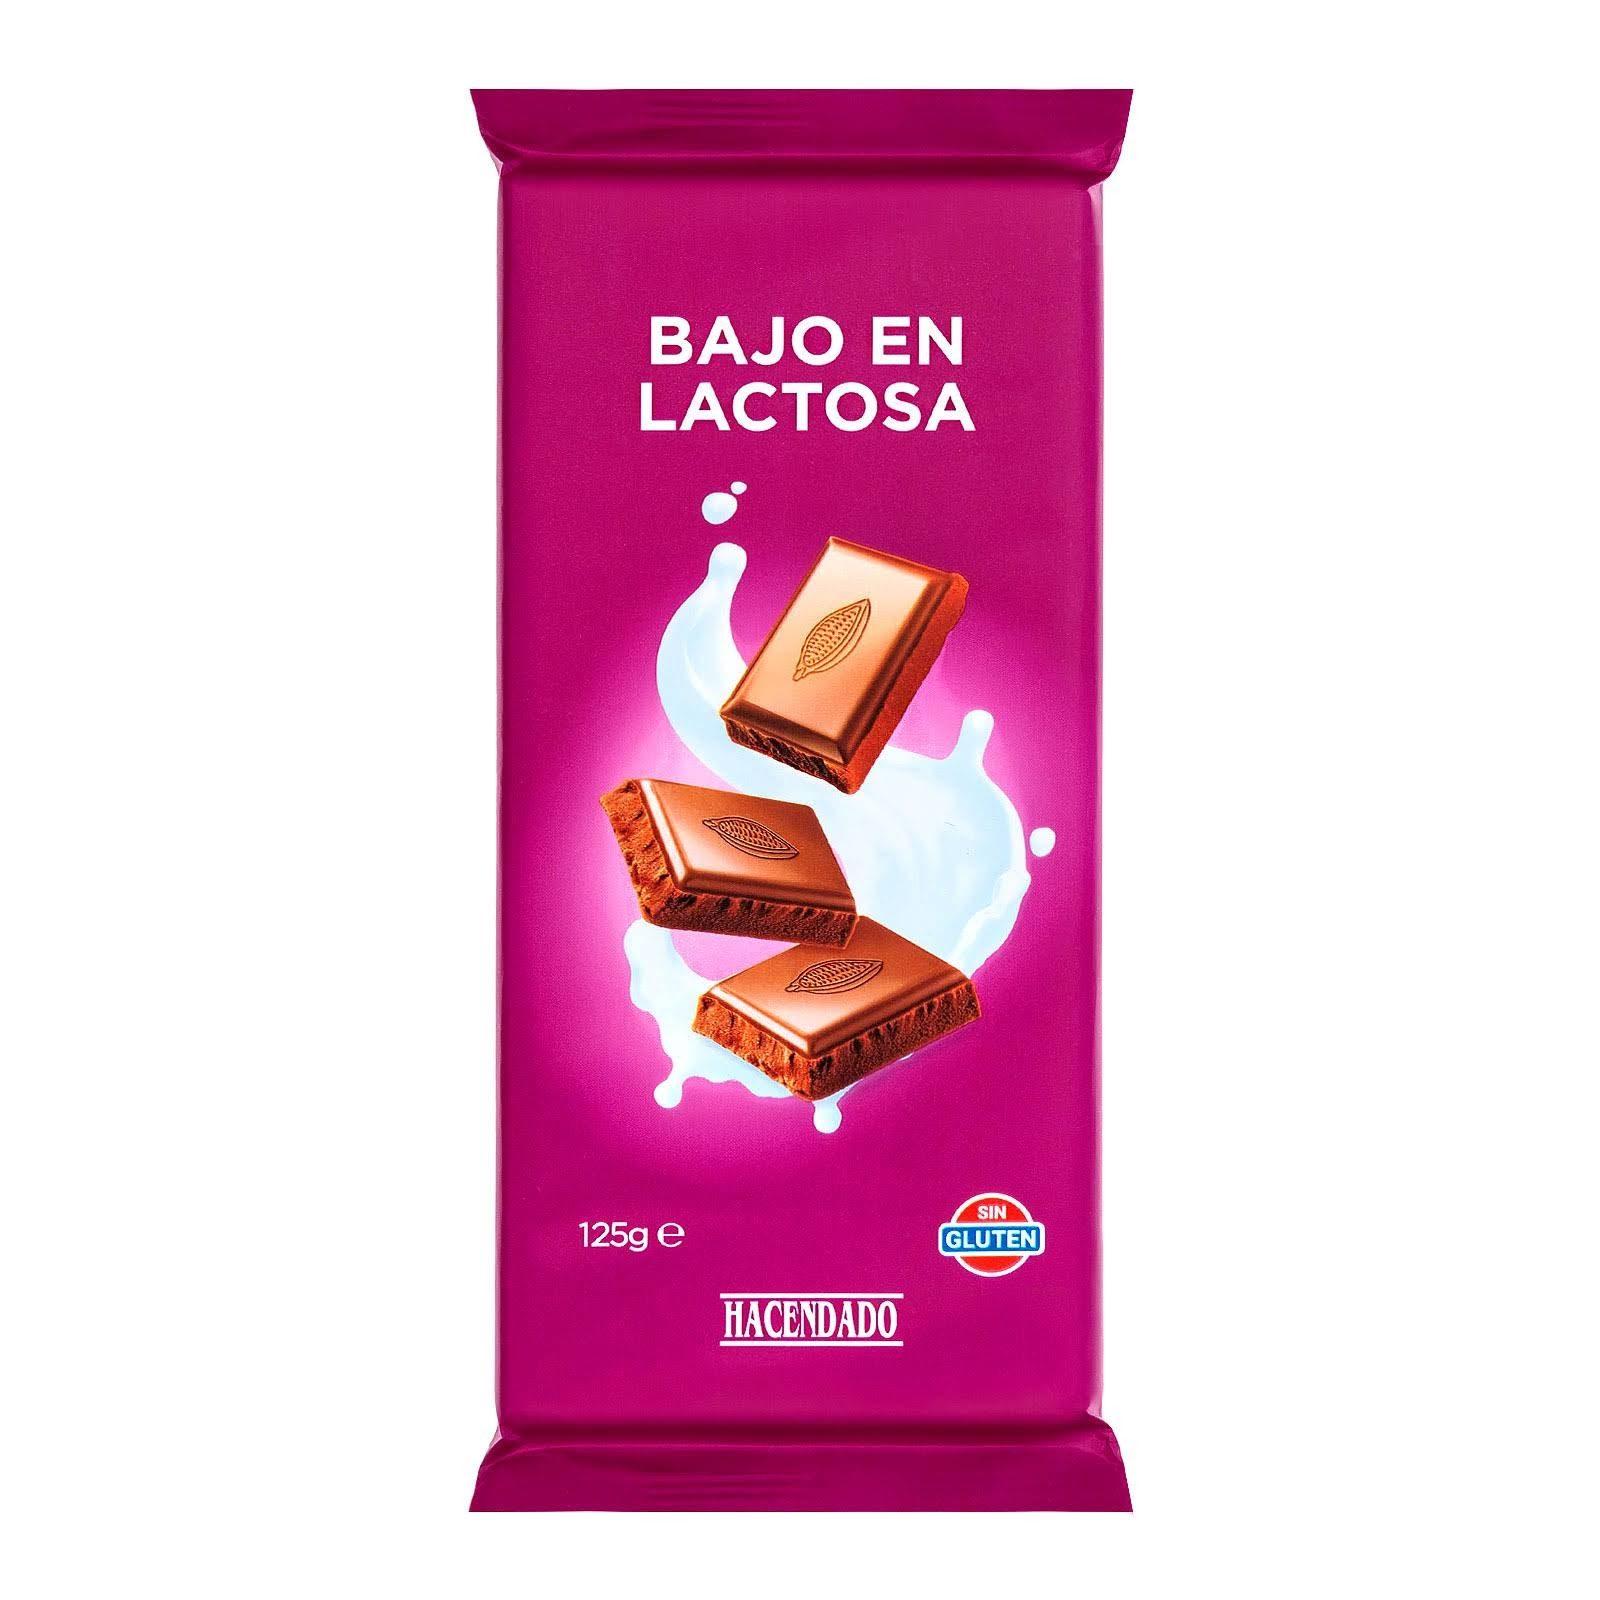 chocolate-con-leche-bajo-en-lactosa-hacendado-mercadona-1-1432791